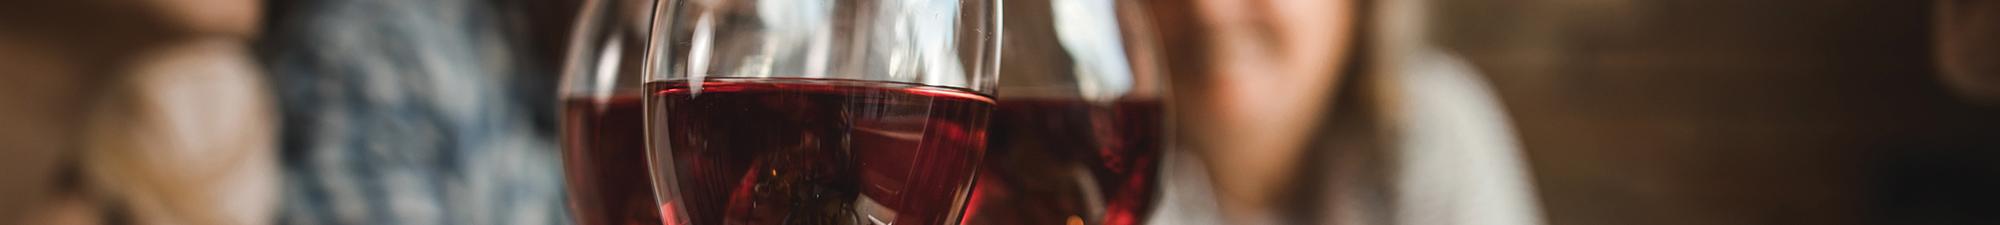 Copo de Vinho Biológico